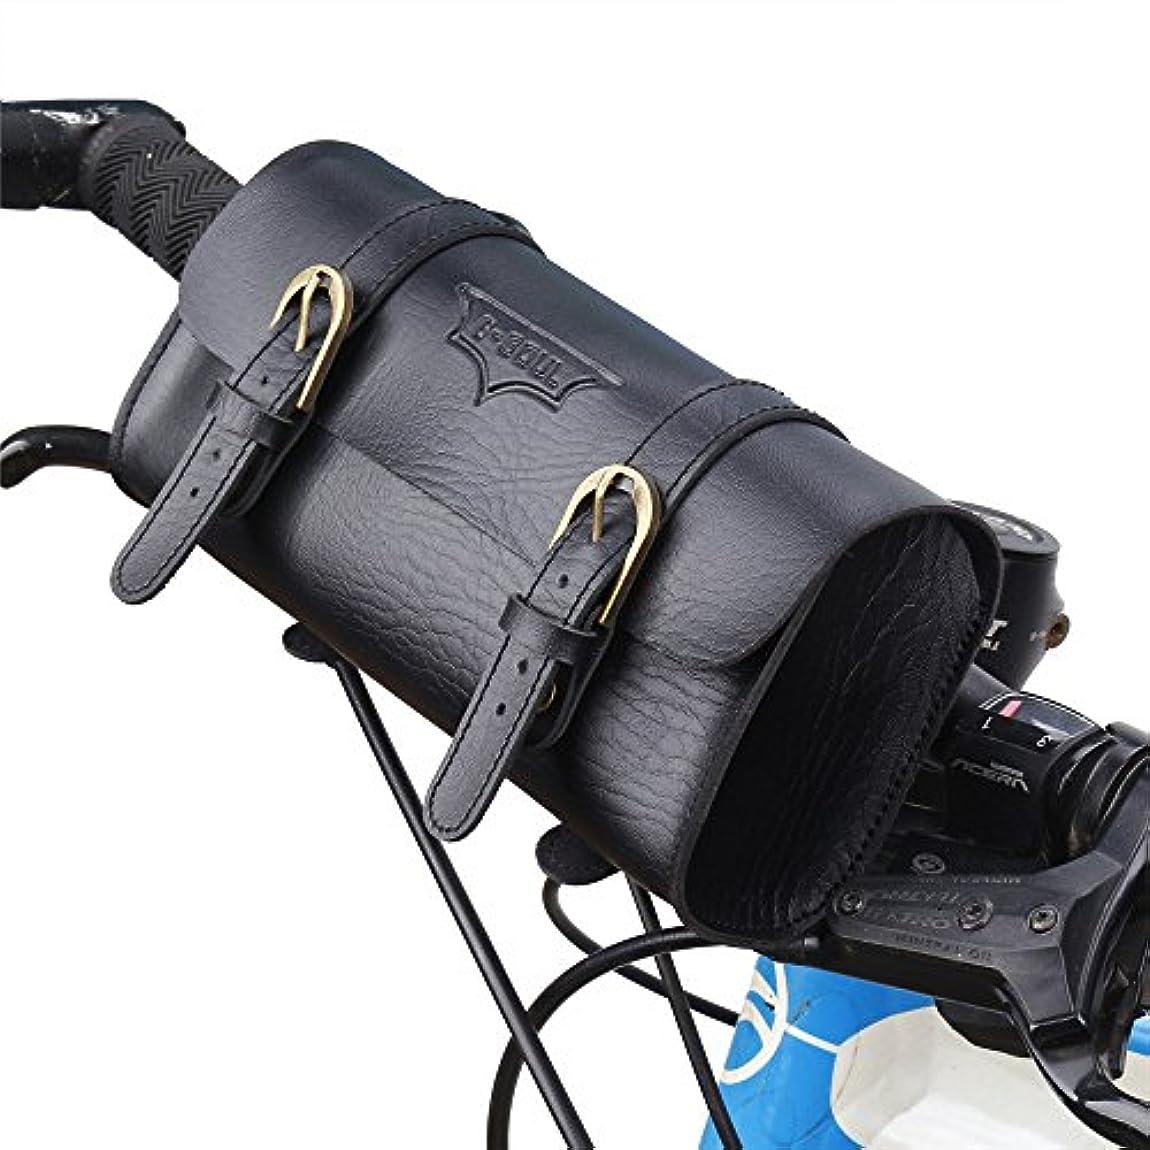 洞察力のあるより多い作り自転車シートパックバッグ 革バイク袋/マウンテンバイクのハンドルバー袋、レトロの方法延長袋はバックパックとして使用することができます 自転車サドルバッグ (色 : ブラック)